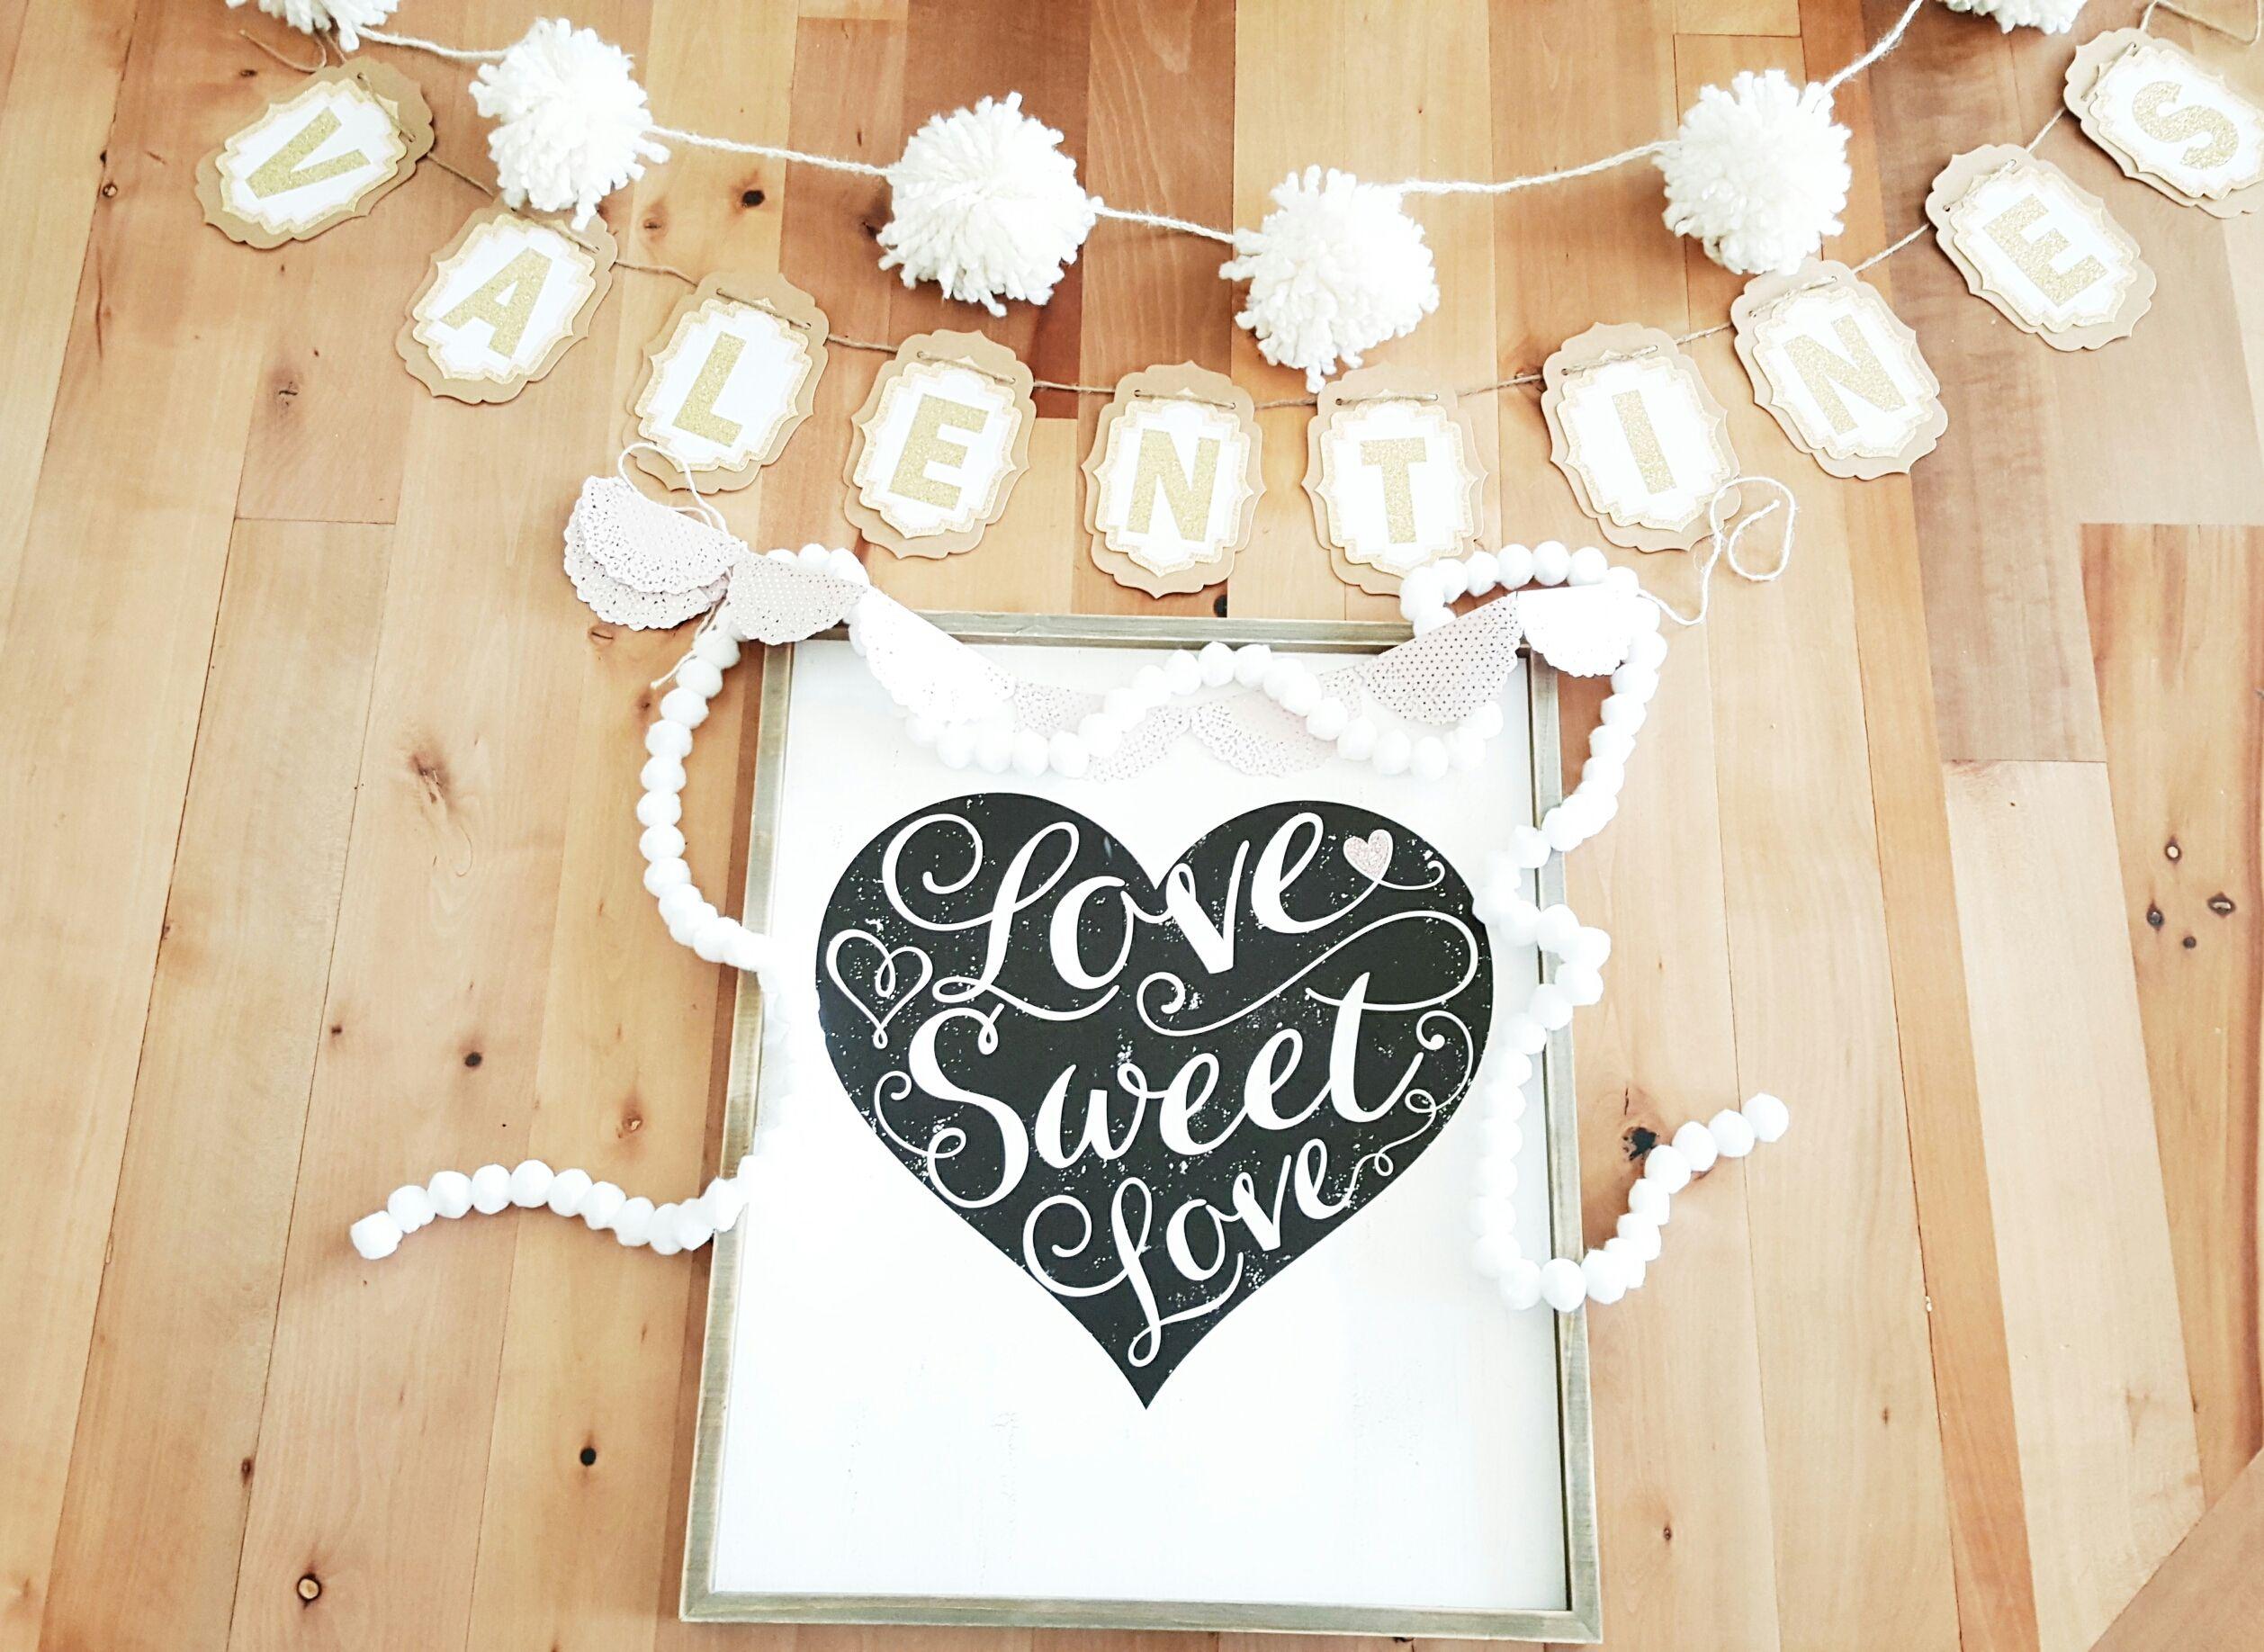 Valentines Garlands, Valentines wood sign, Snowball garland, valentines decor ideas